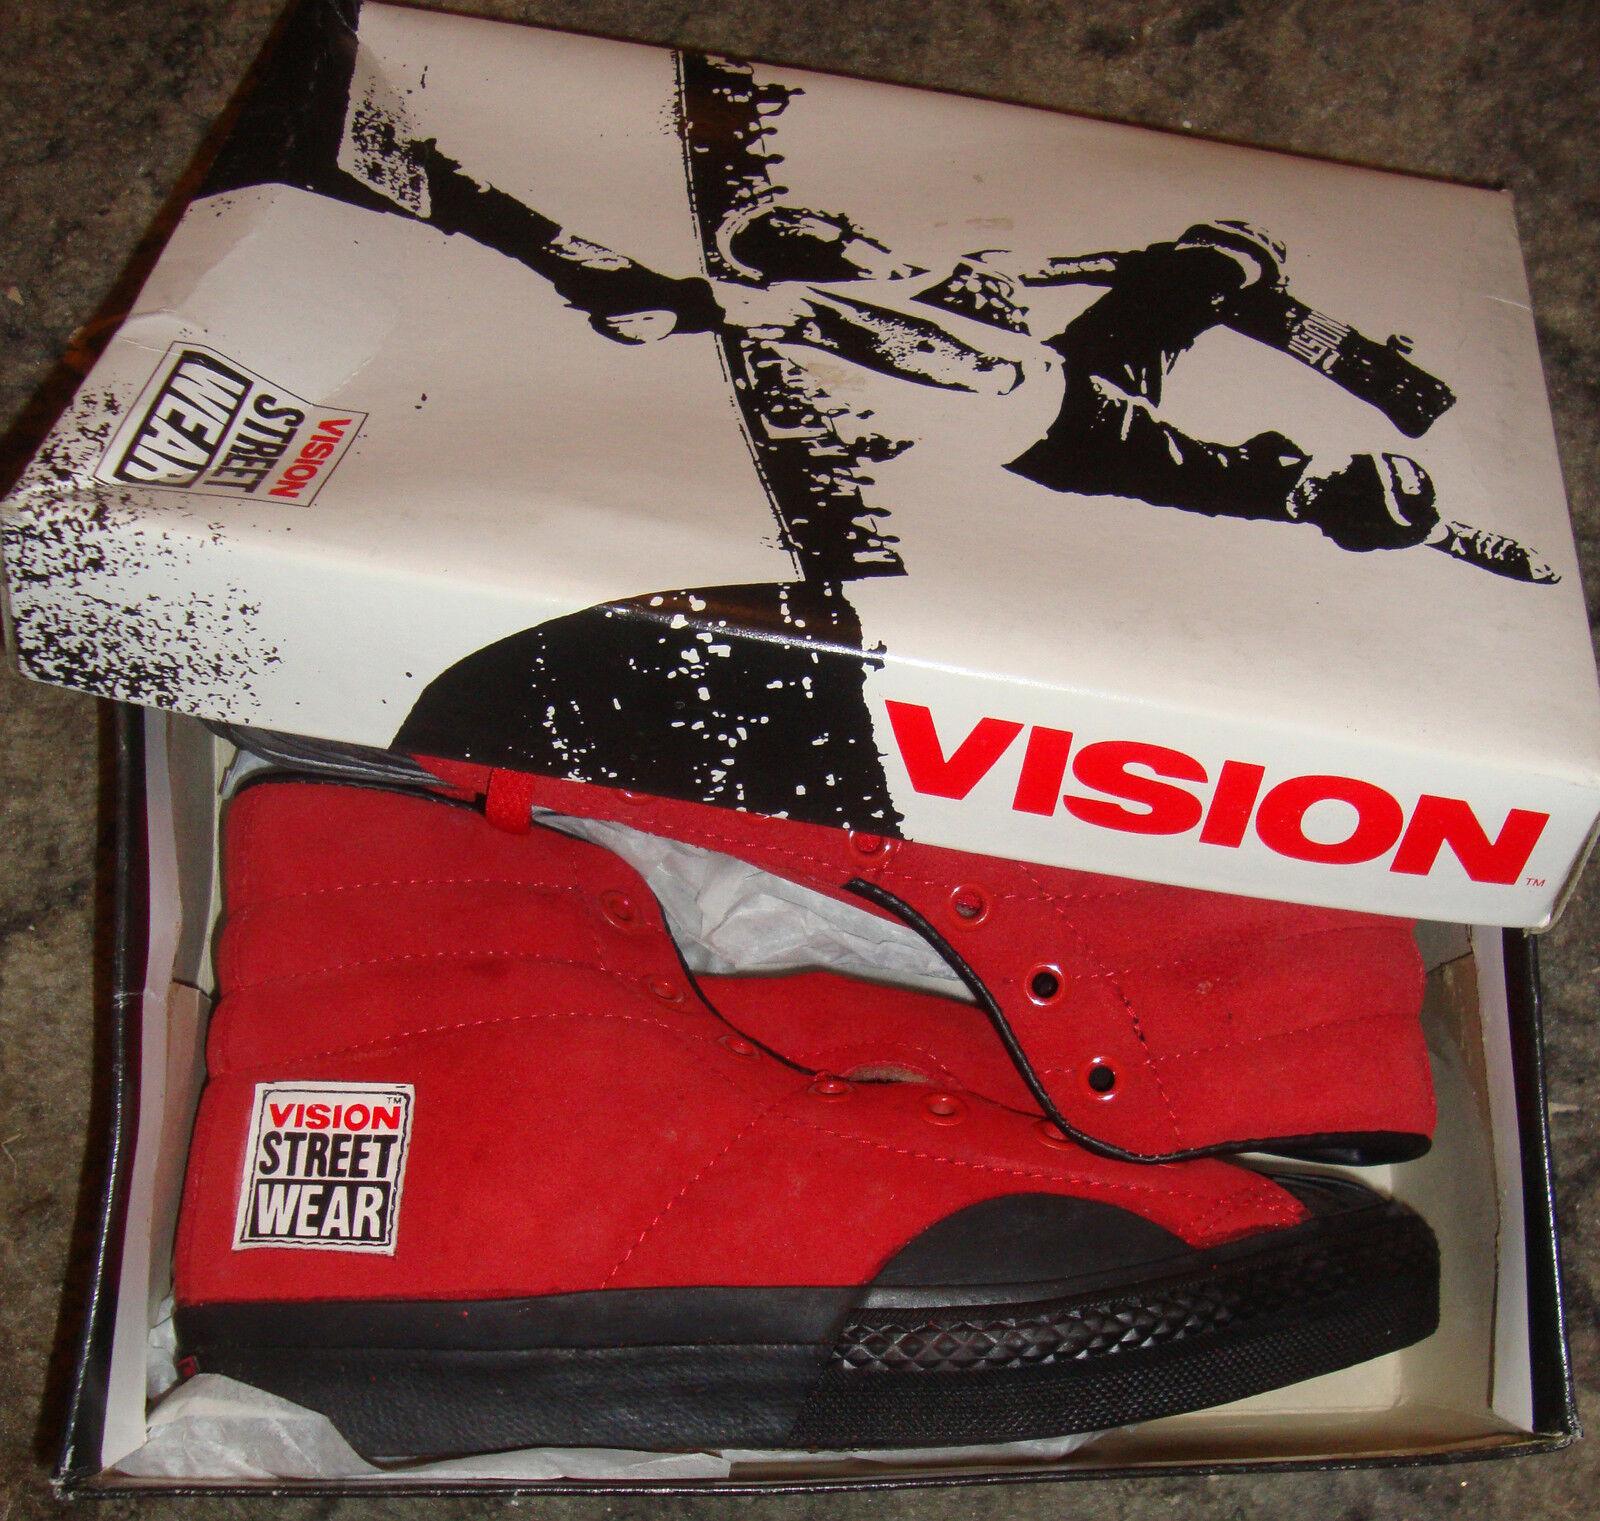 Vision Street Wear Camoscio' Skateboard Anni 80 Scarpe da Skateboard Camoscio' Rosso Alte - f516ec